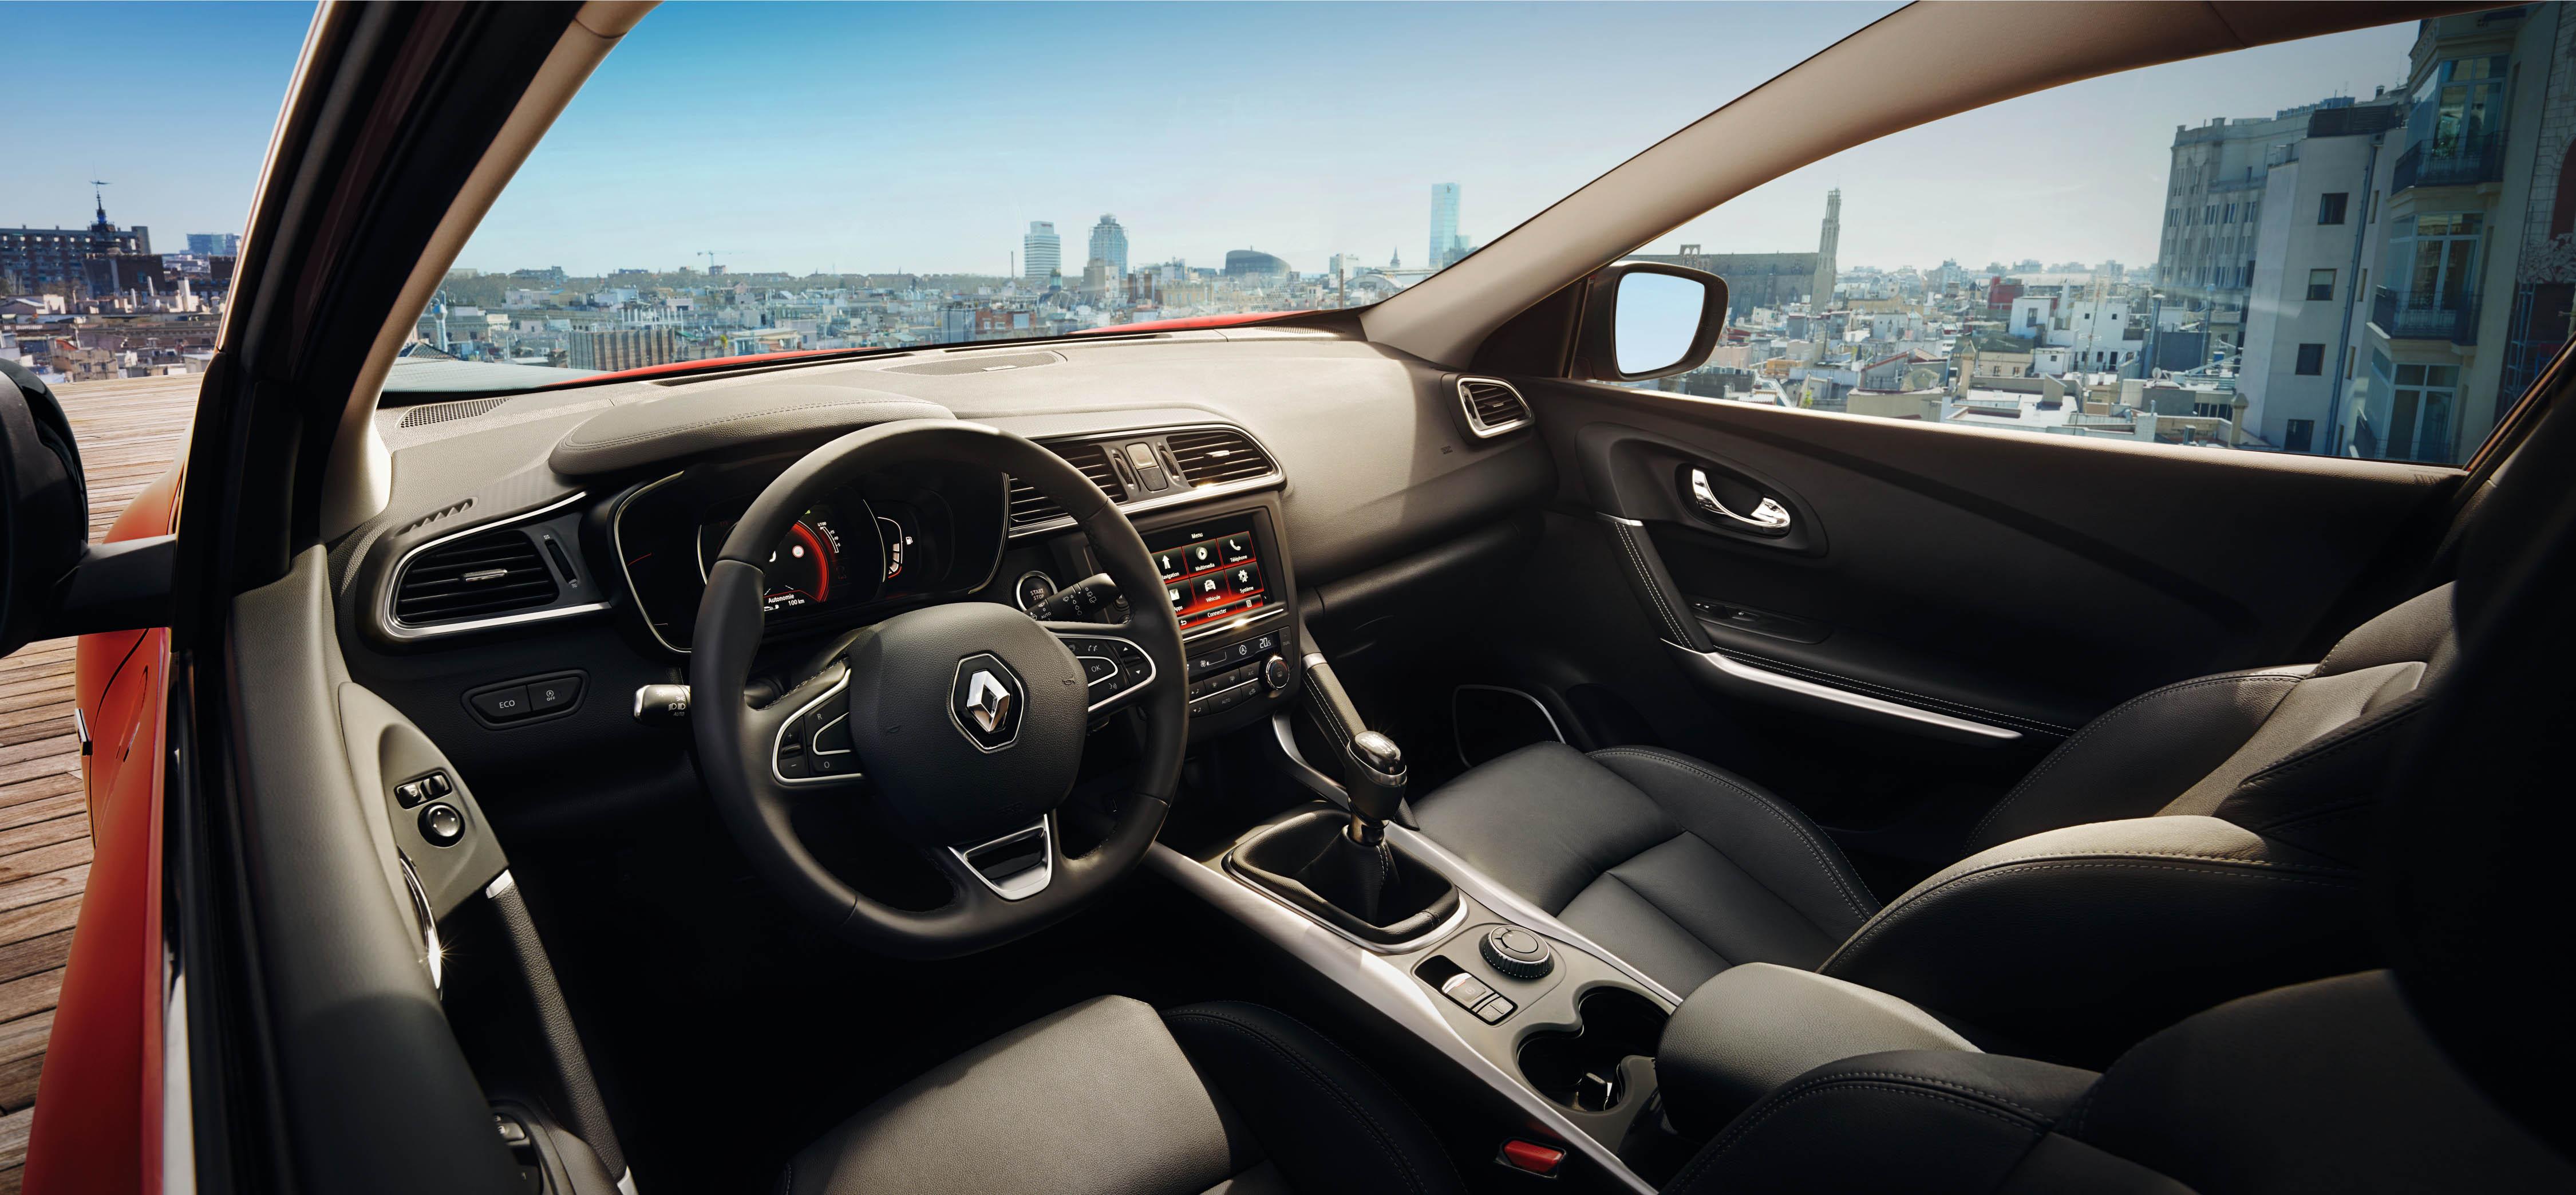 Renault kadjar uitvoeringen prijzen en meer bij vkv for Interieur renault kadjar